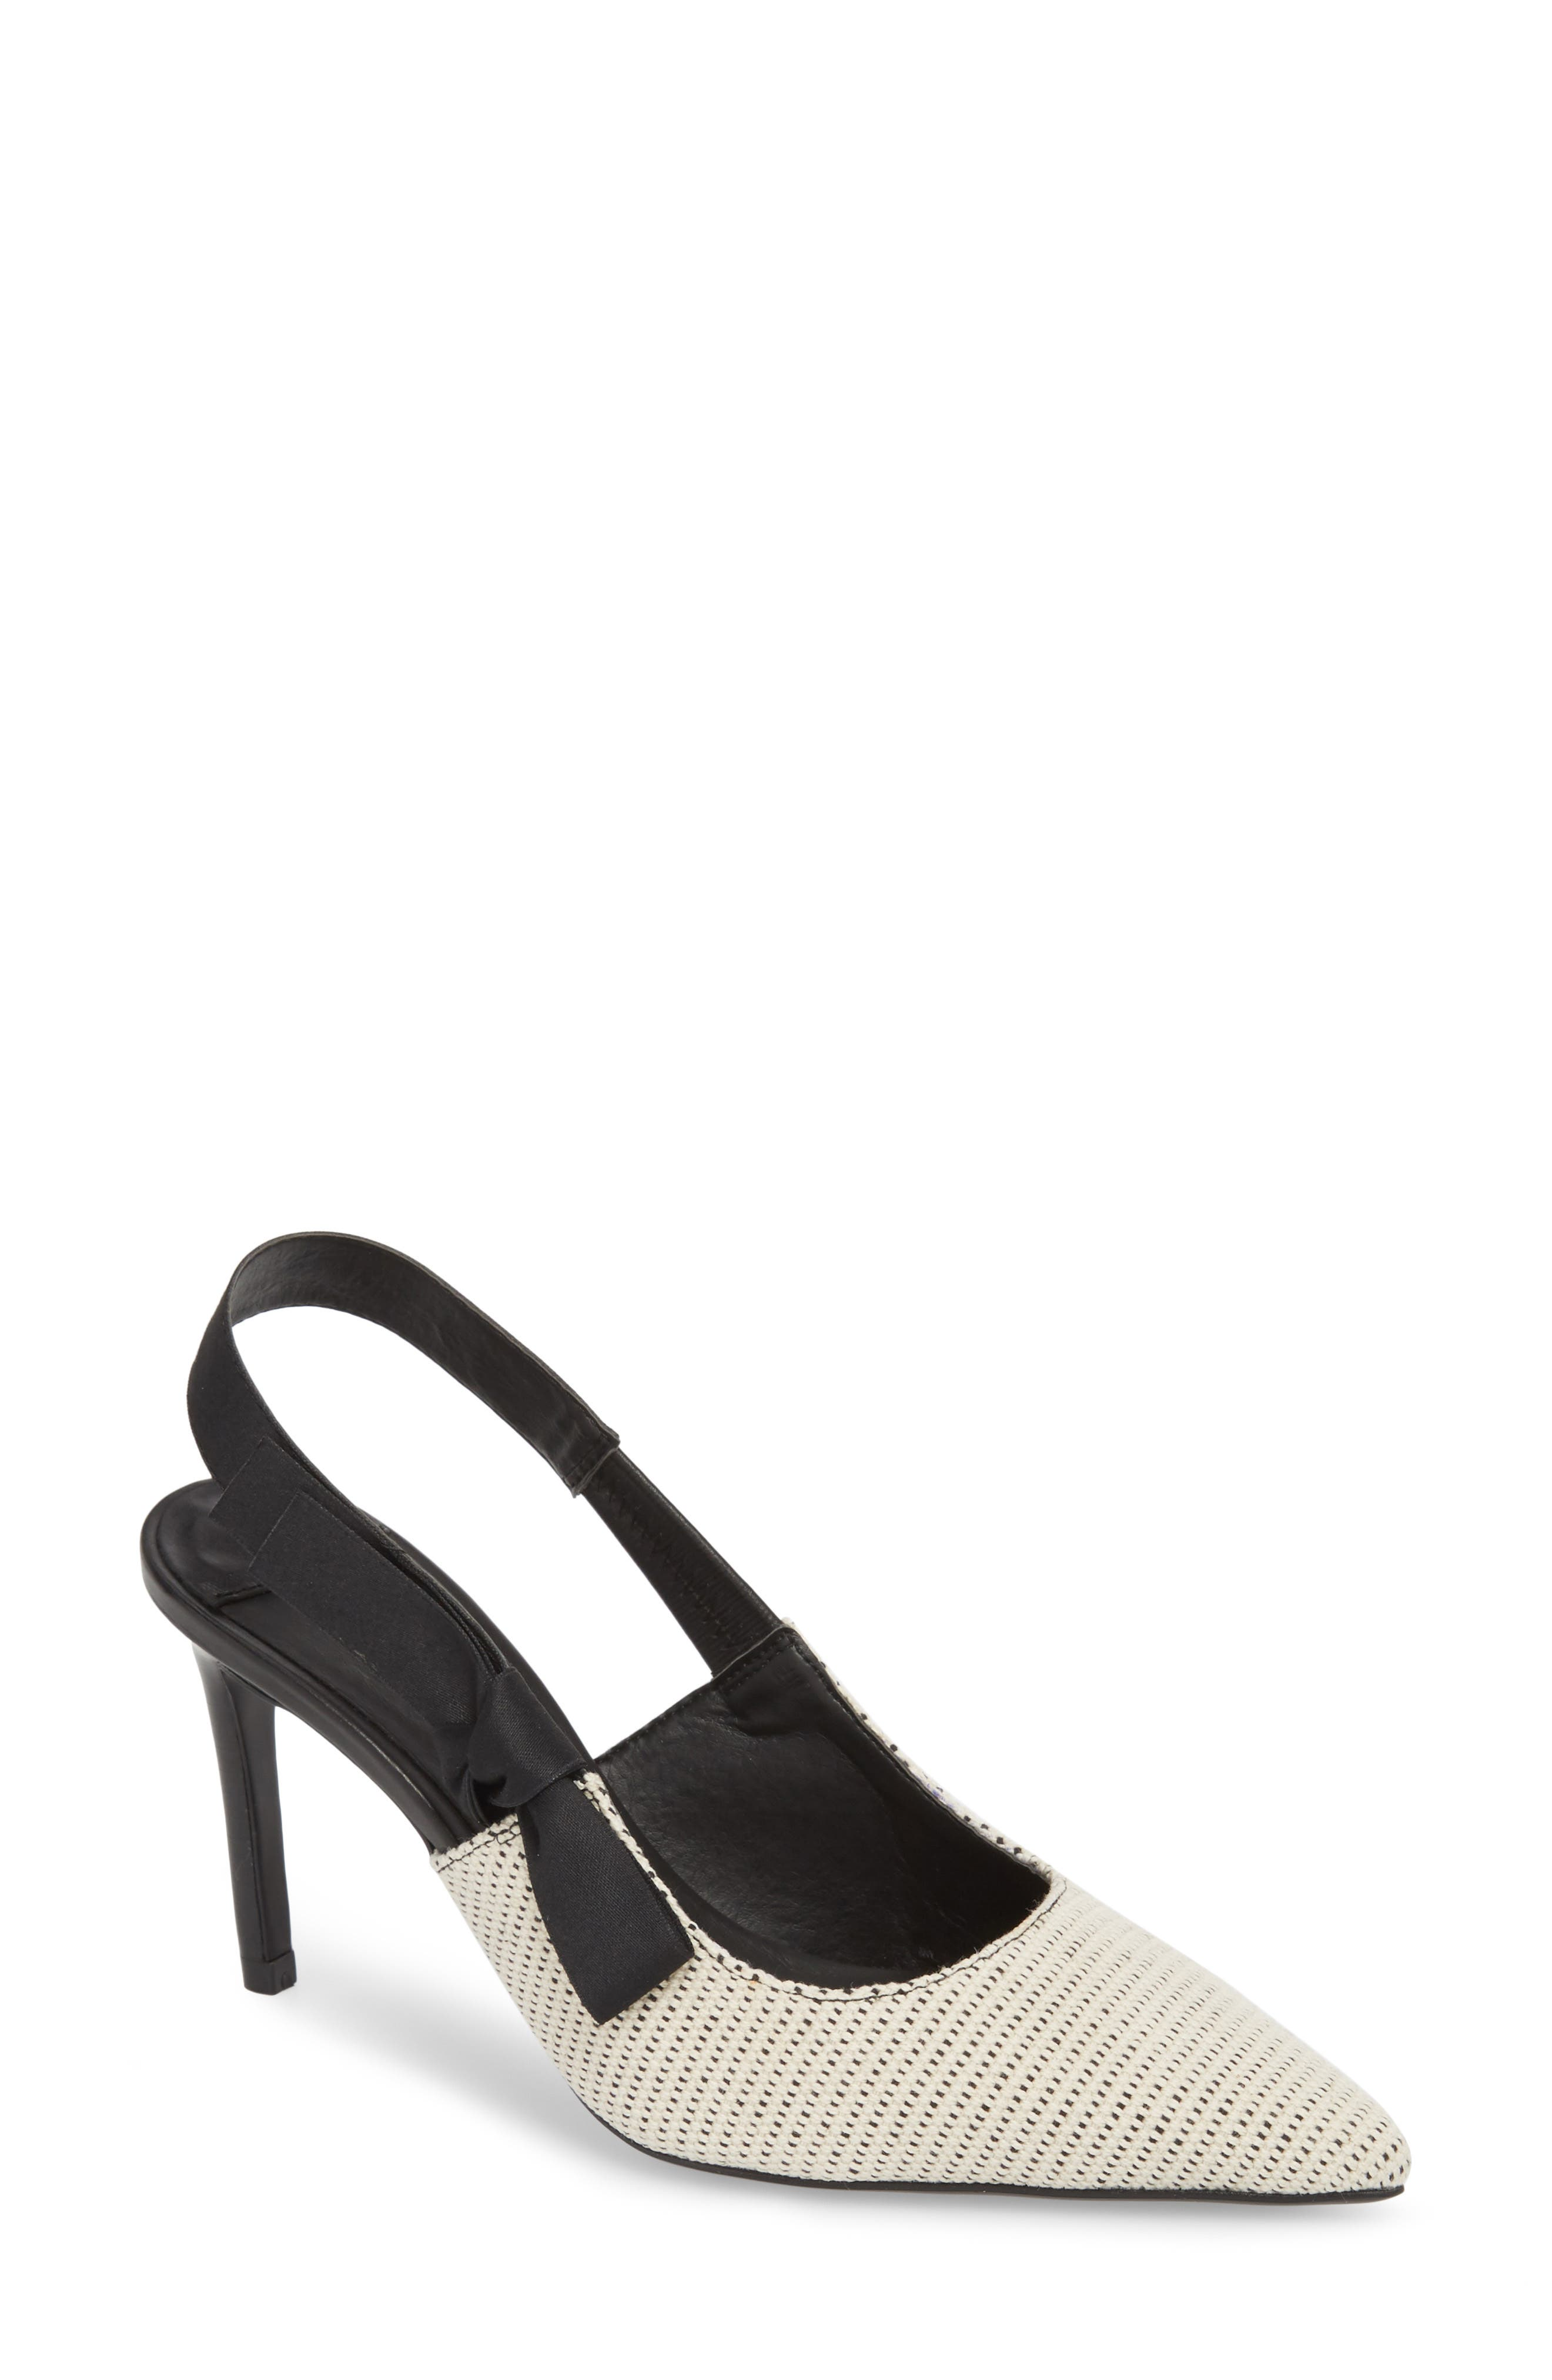 Evita Sandal,                             Main thumbnail 1, color,                             WHITE/ BLACK FABRIC